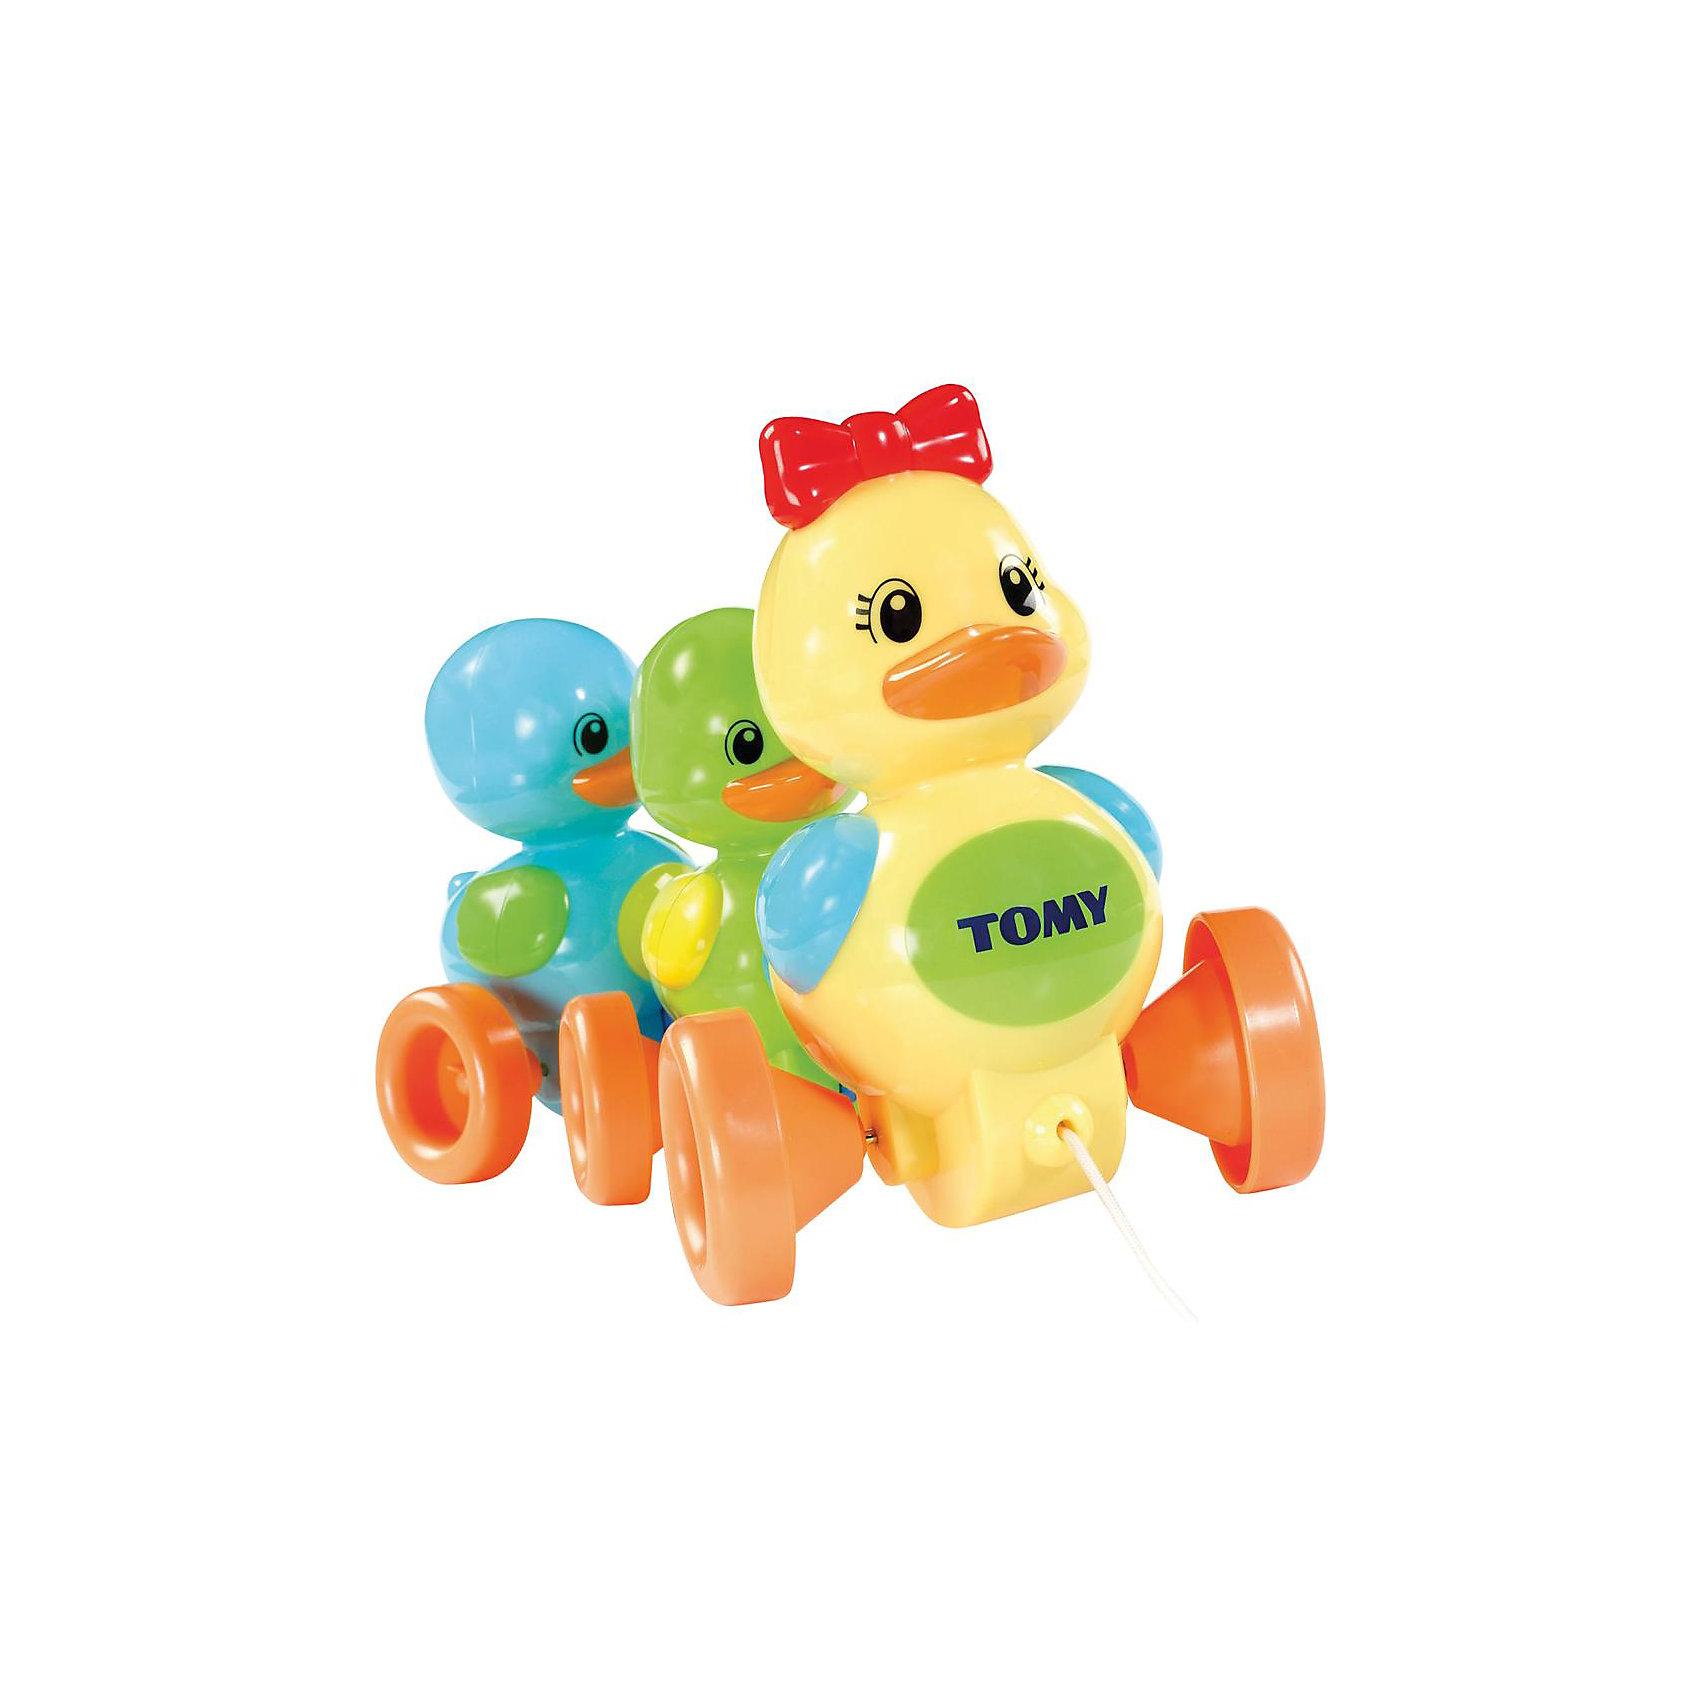 Игрушка-каталка «Семейство уточек», TOMYИгрушки-каталки<br>Развивающая игрушка-каталка «Семейство уточек» известного бренда TOMY (Томи) из серии PLAY TO LEARN.<br><br>Только Ваш малыш дёрнет за верёвочку и потянет игрушку за собой, как семейство из троих утят начнёт радостно напевать милейшую утиную песенку, следуя за малышом!<br><br>Красочная игрушка представляет собой каталку из трёх разноцветных уточек: мамы и её детишек-утят. Впереди игрушки находиться верёвочка, за которую Ваш малыш может катать семейство уточек за собой почти по любой поверхности! Такая прогулка всегда сопровождается забавными звуками. Потянув за верёвочку, утята начинают задорно петь. <br><br>Песенки утят также можно переключать с помощью красного бантика на голове у мамы-утки. Более того, уникальная конструкция каталки позволяет семейству утят при движении переваливаться от одного бока к другому, что очень похоже на походку настоящих уток!<br><br>С помощью этой каталки у Вашего ребёнка будут развиваться восприятие и слуховые навыки, которые необходимы на ранних стадиях развития.  Толкая данную игрушку перед собой и ползая за ней, Ваш малыш сможет быстрее научиться ходить. <br><br>Дополнительная информация:<br><br>- Размер: 21 х 30 х 16 см (высота х ширина х глубина)<br>- Материал: высококачесвенный пластик<br>- Вес: 500 гр<br>- работает на трёх батарейках (входят в комплект)<br><br>Ширина мм: 160<br>Глубина мм: 300<br>Высота мм: 210<br>Вес г: 602<br>Возраст от месяцев: 6<br>Возраст до месяцев: 24<br>Пол: Унисекс<br>Возраст: Детский<br>SKU: 1602927